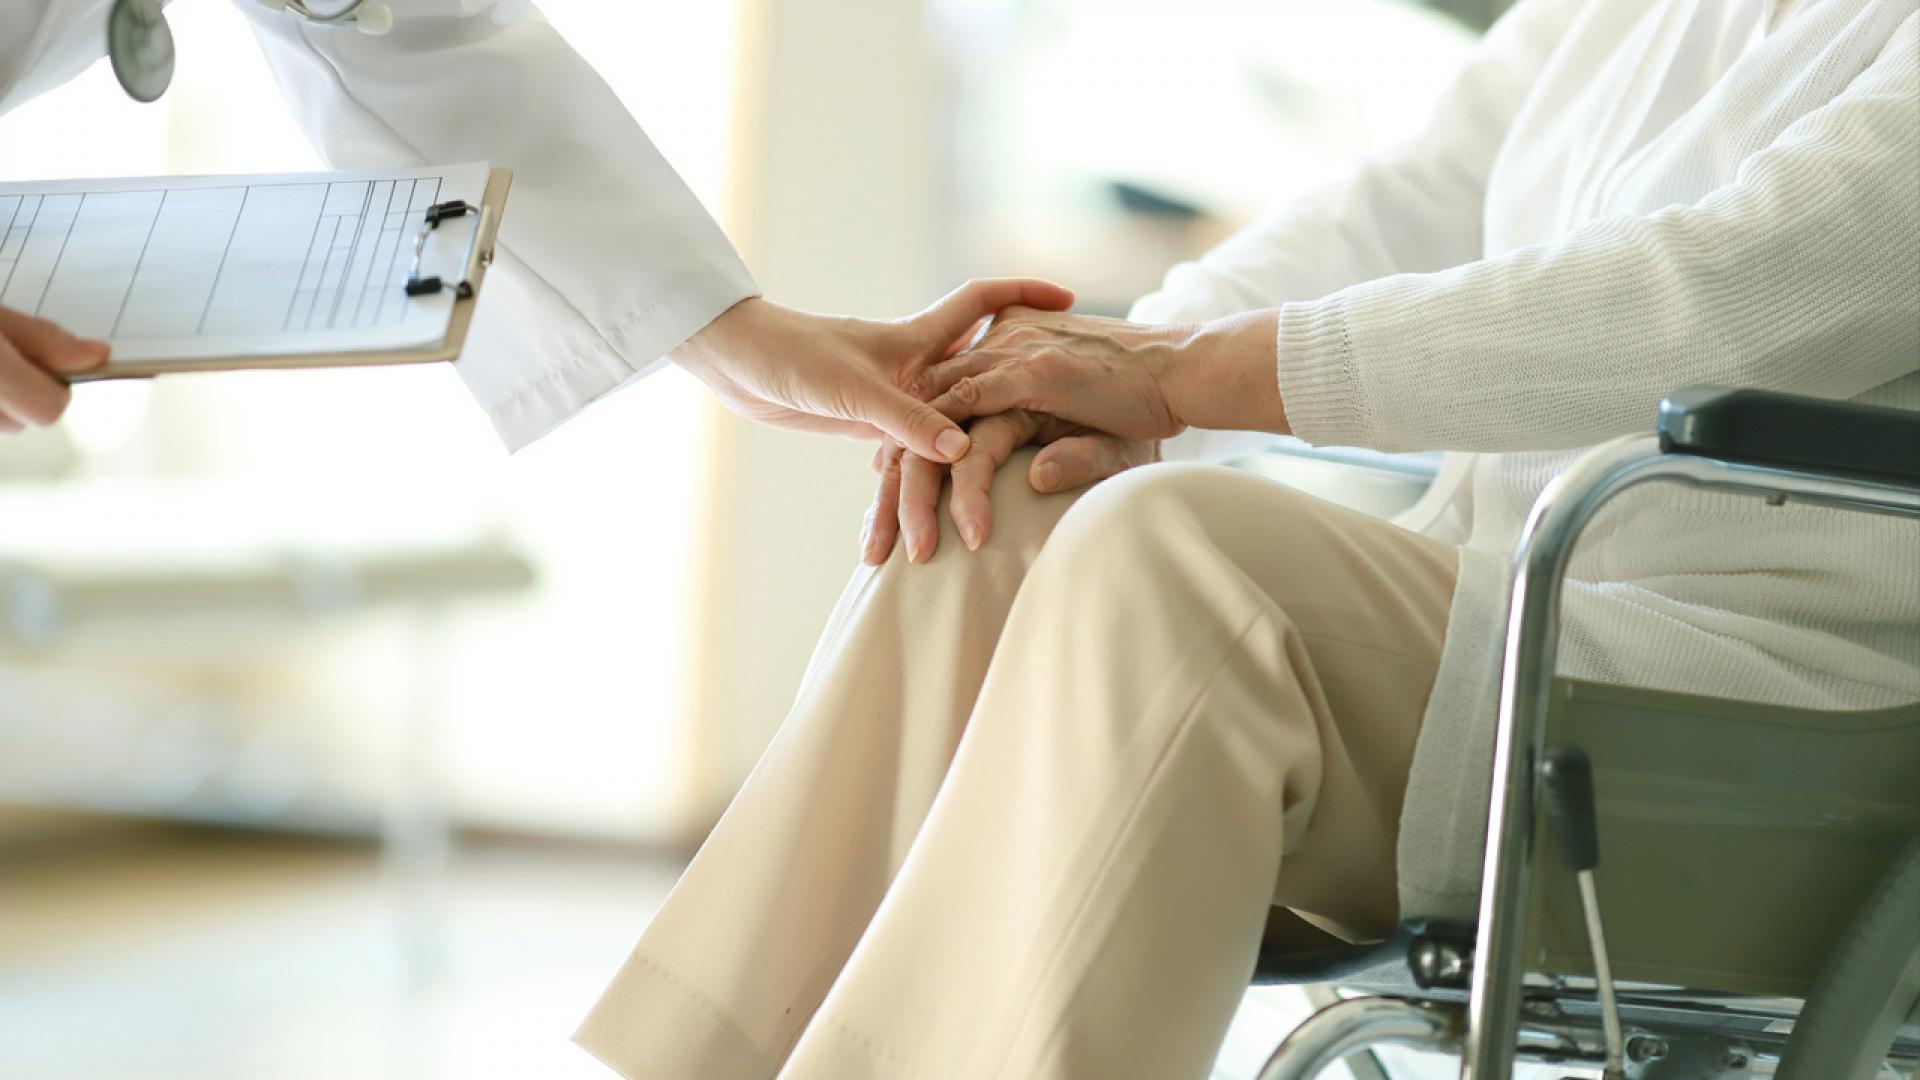 Doctor examining patient in wheelchair